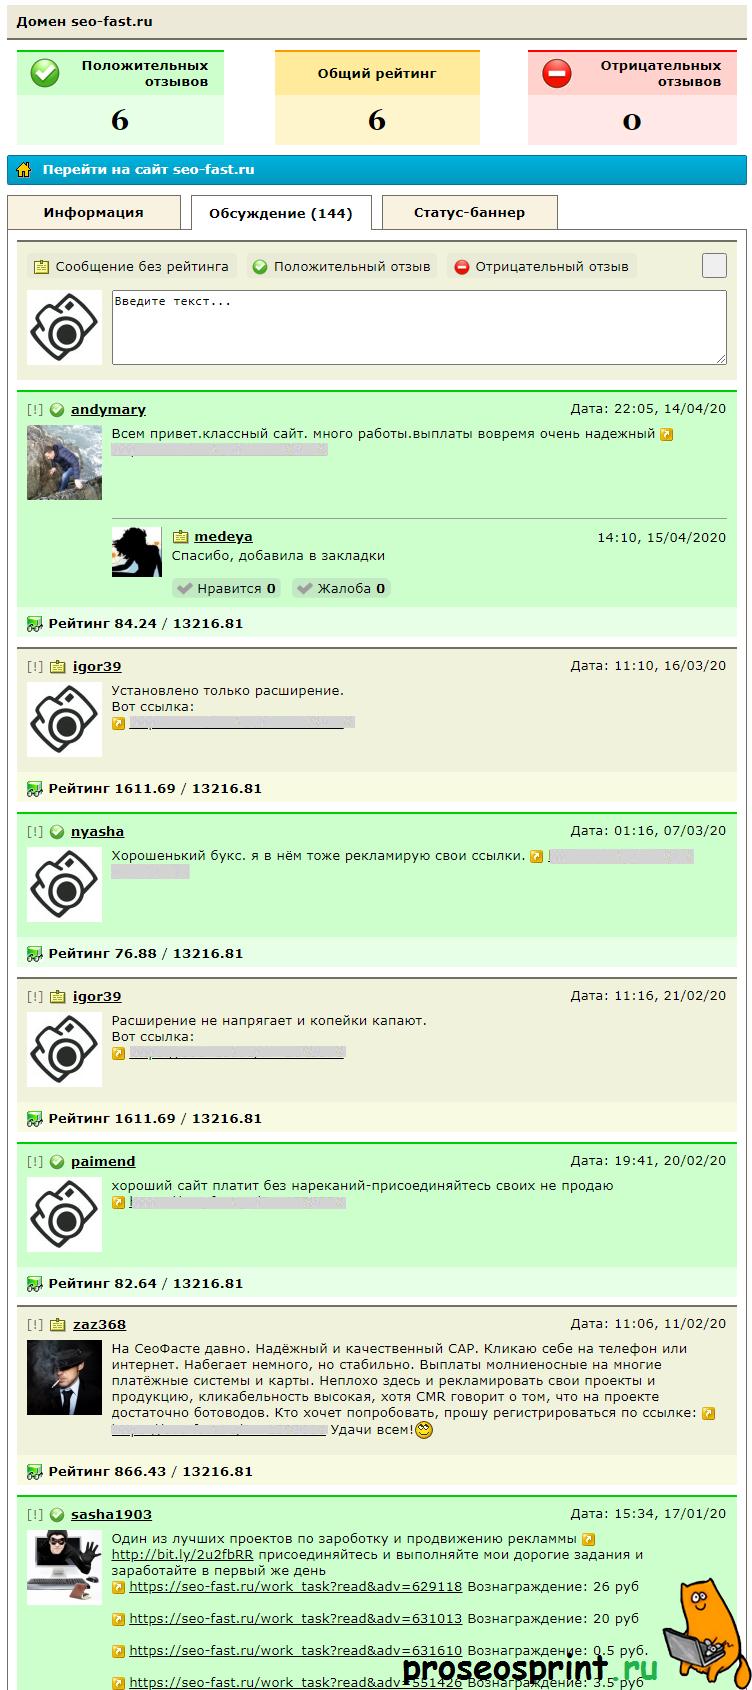 сеофаст отзывы о заработке,сео фаст официальный сайт